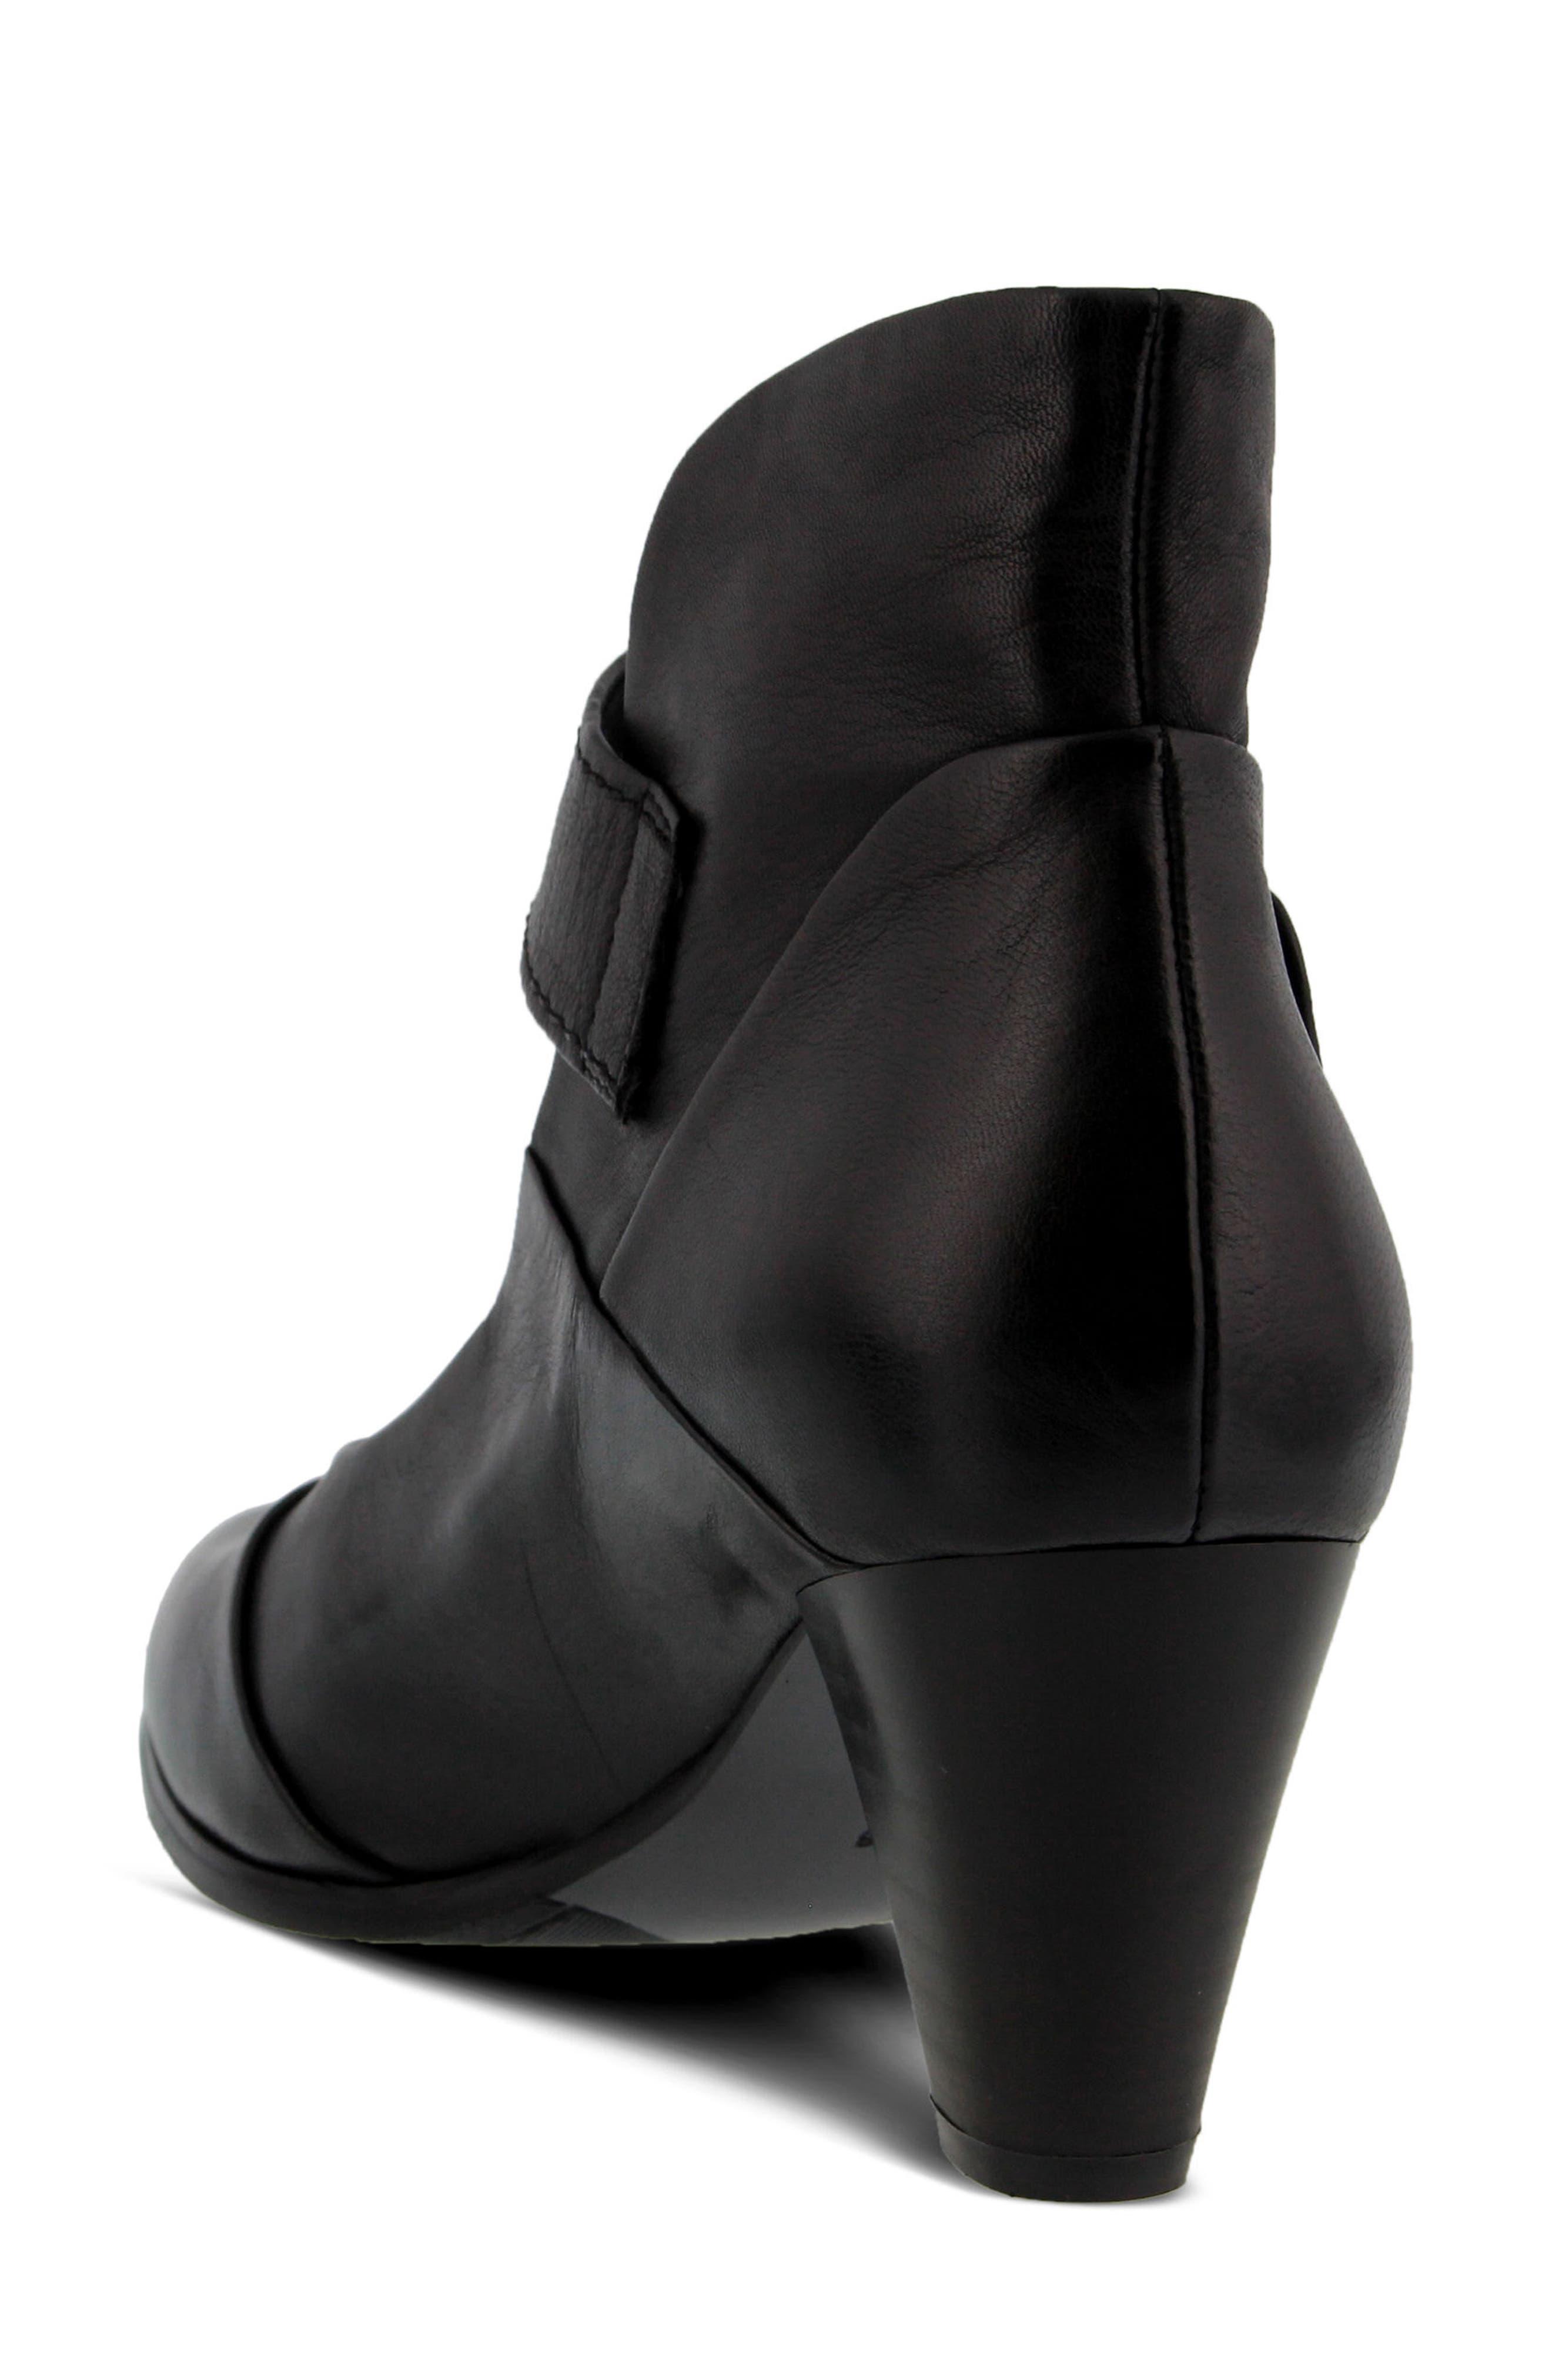 Chapeco Patchwork Ankle Strap Pump,                             Alternate thumbnail 2, color,                             Black Leather